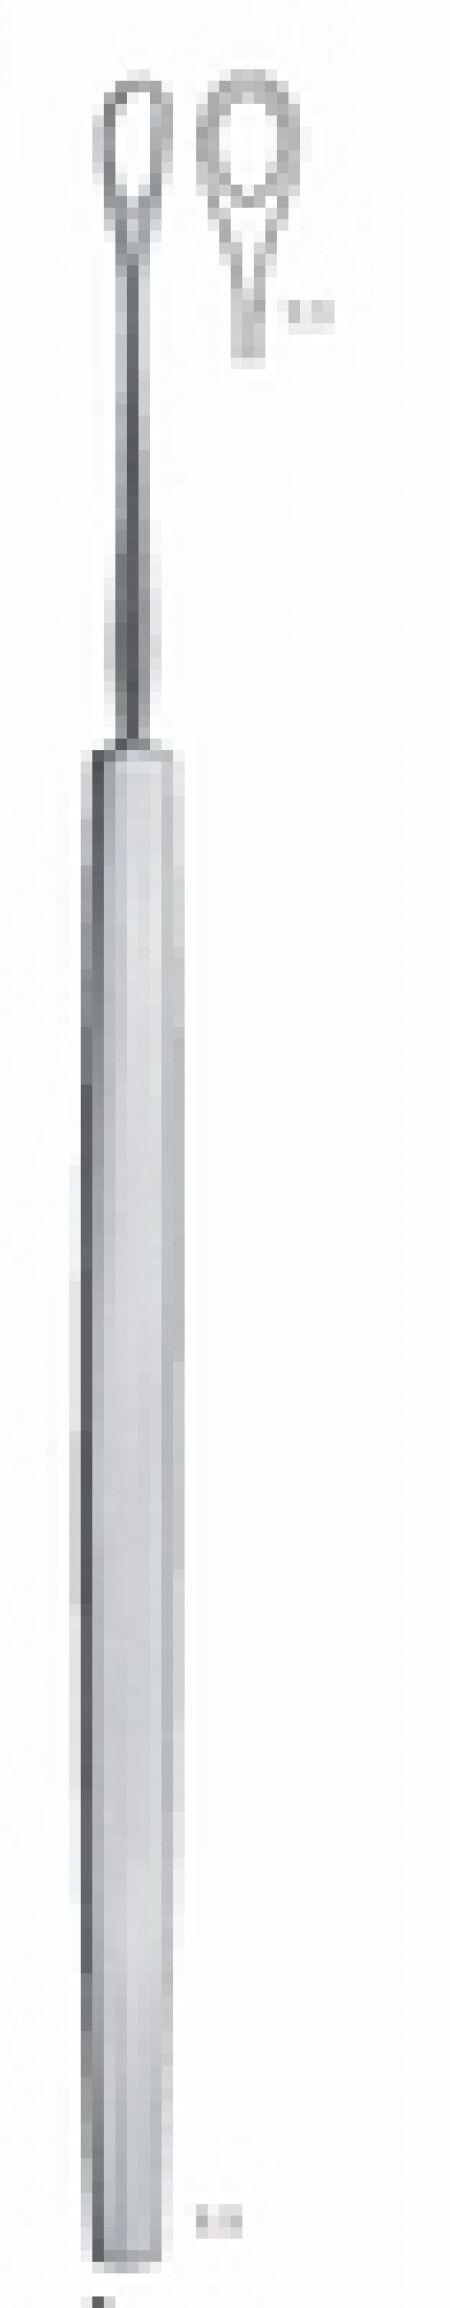 Oorcurette langenbeck stomp 13cm